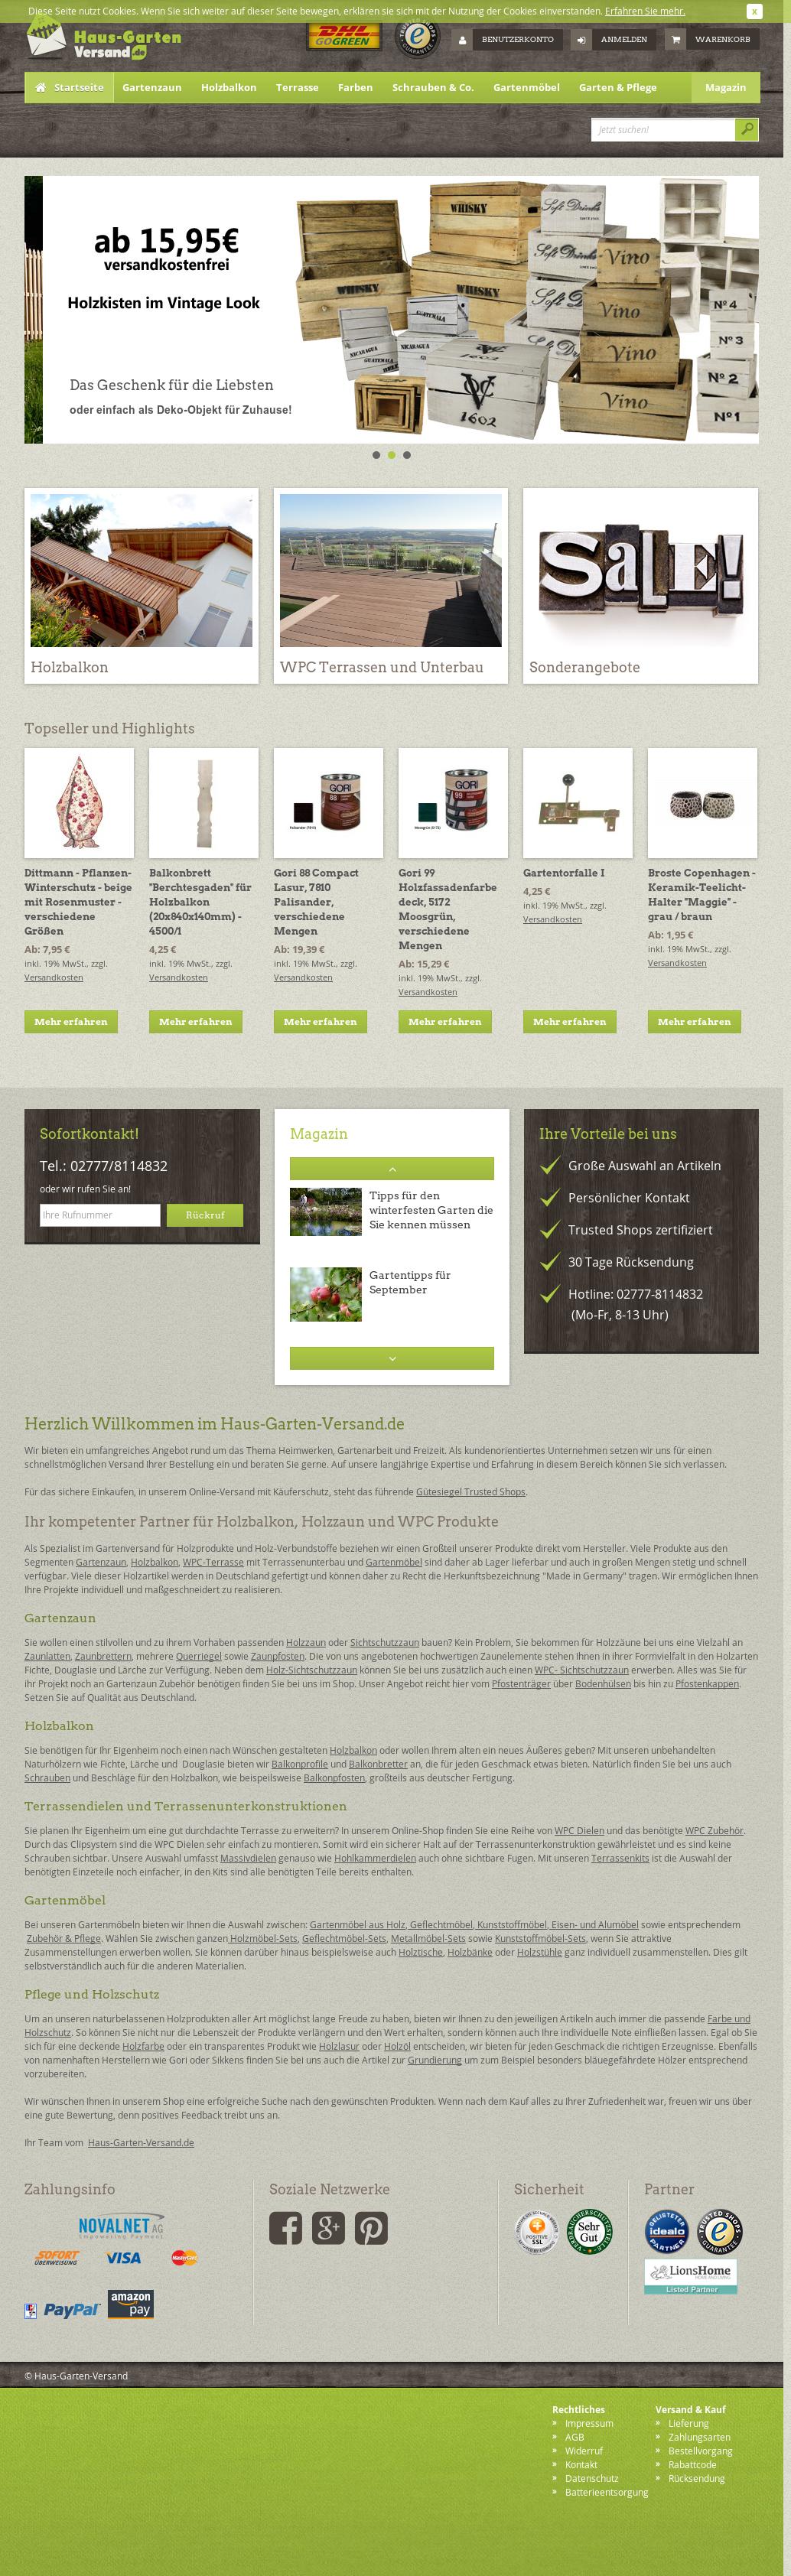 Haus Garten Versand.de Website History